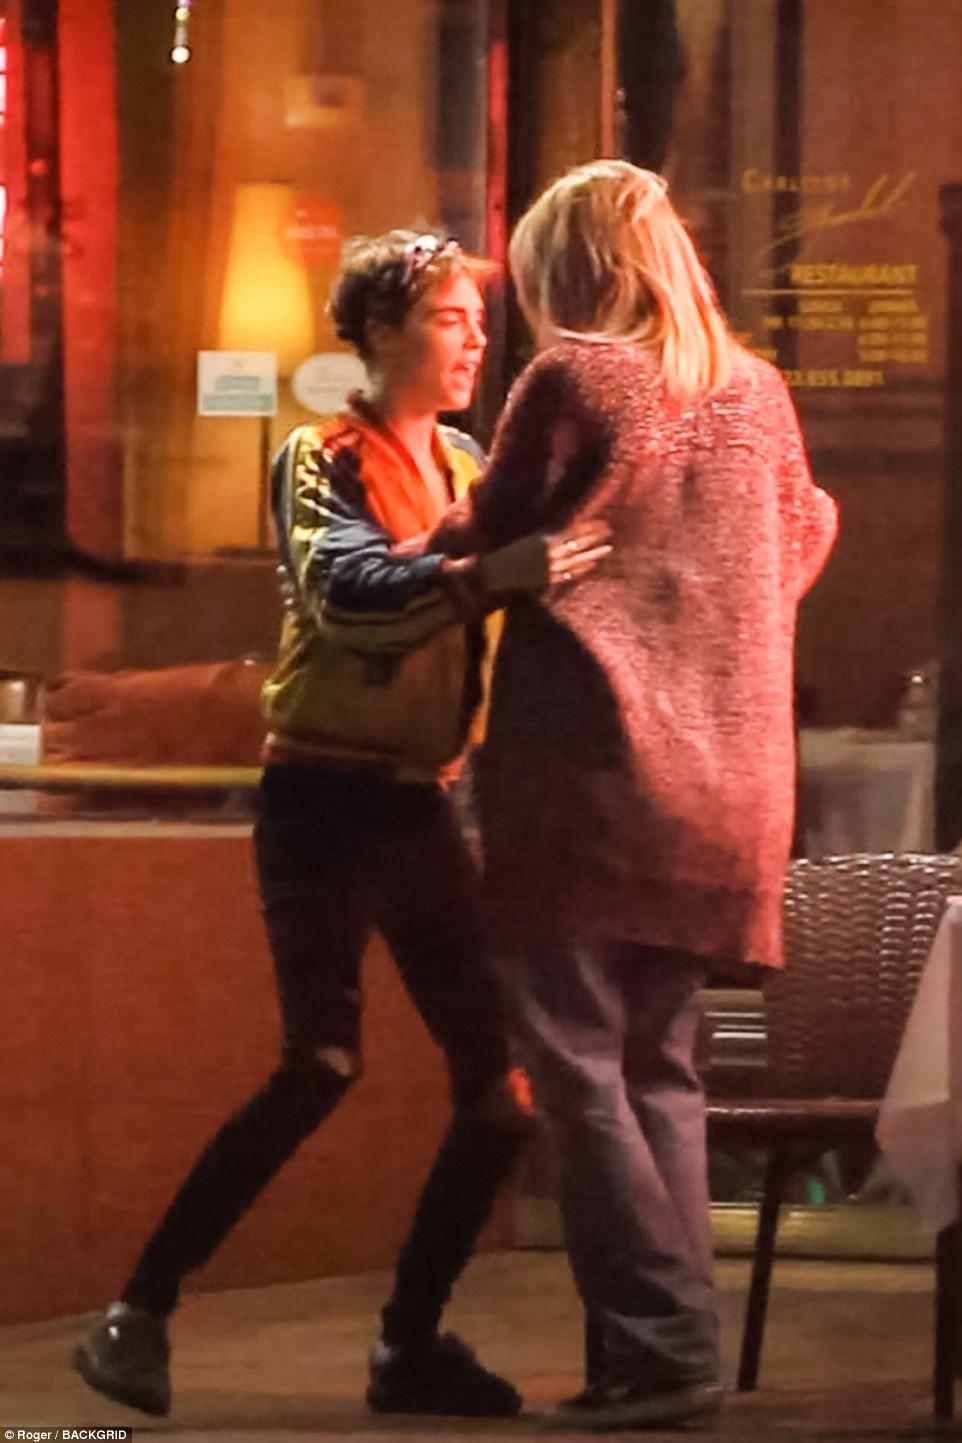 Con gái Michael Jackson xác nhận hẹn hò đồng giới với Cara Delevingne bằng nụ hôn môi đắm đuối - Ảnh 6.